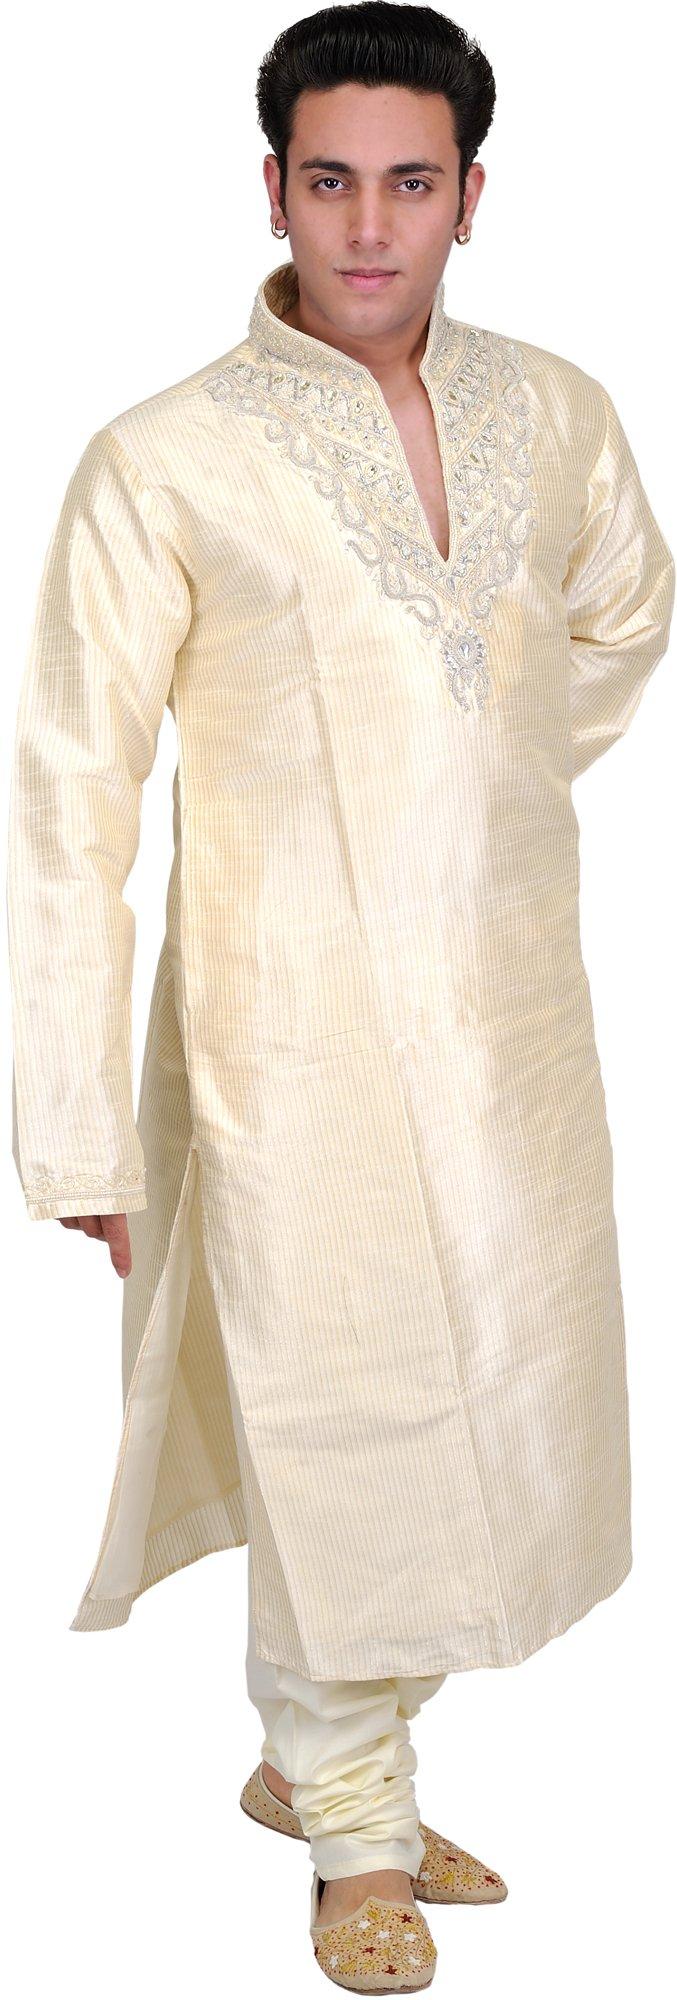 Exotic India Cream Wedding Kurta Pajama Set - Off-White Size 42 by Exotic India